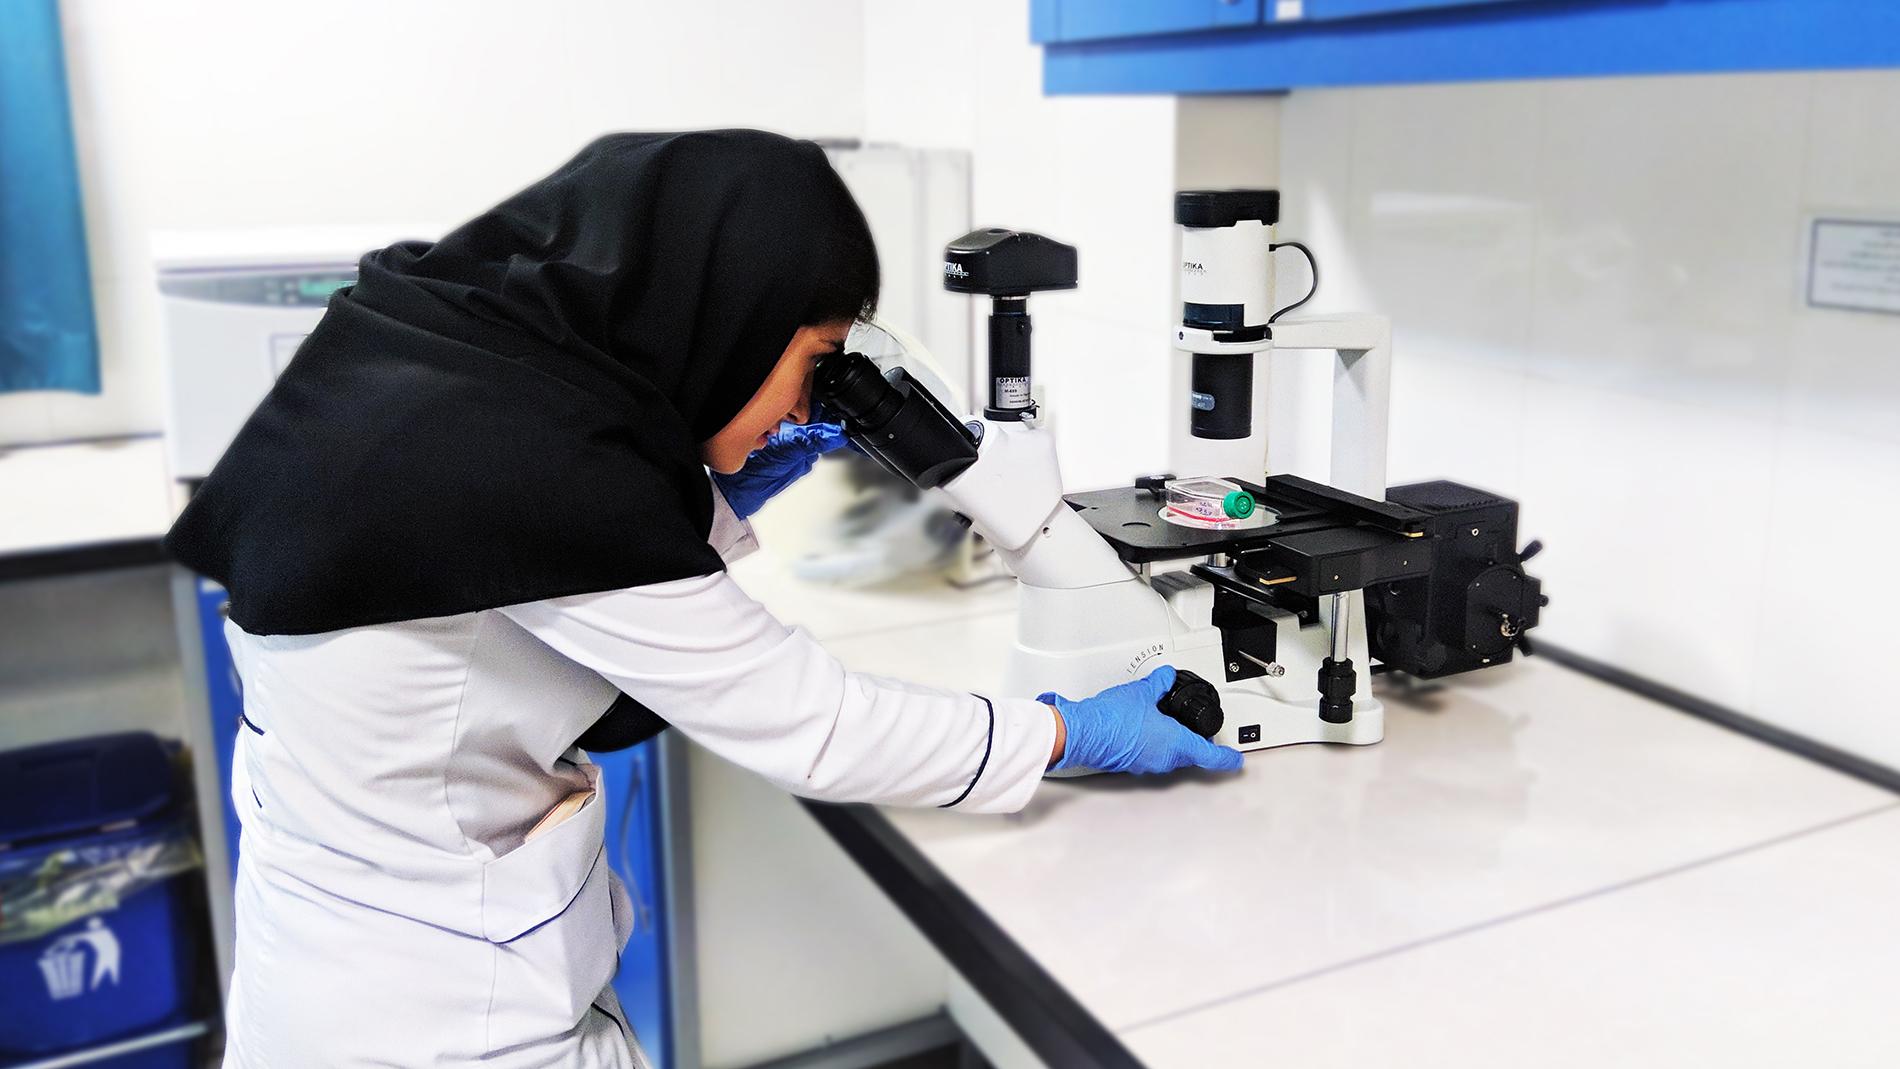 میکروسکوپ چیست؟